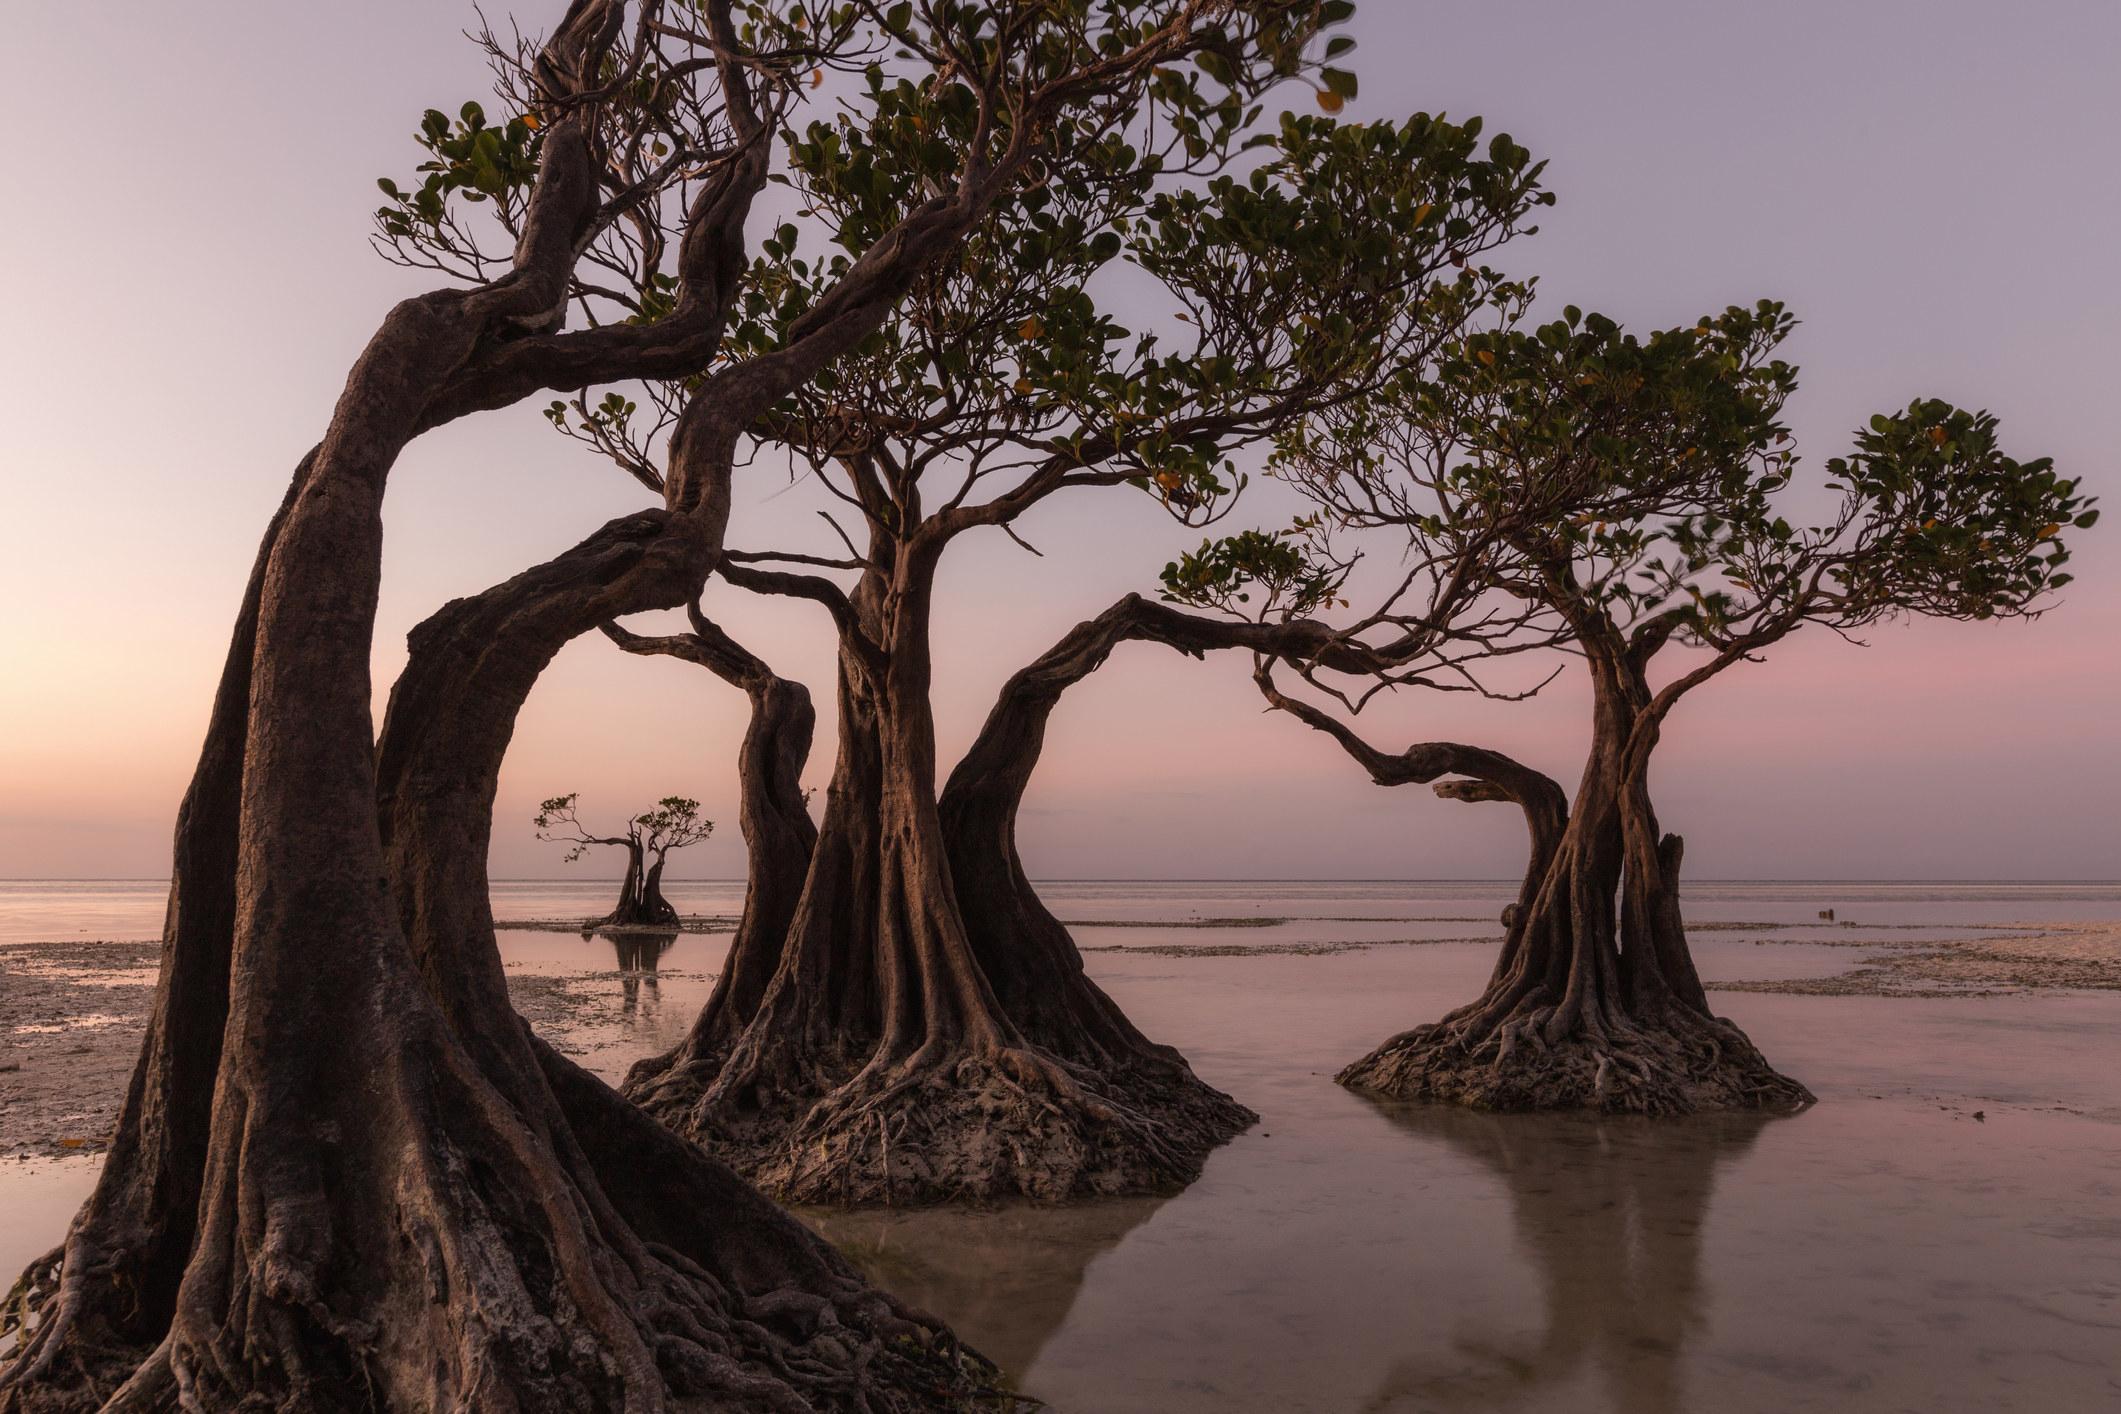 Sumba island in Indonesia.